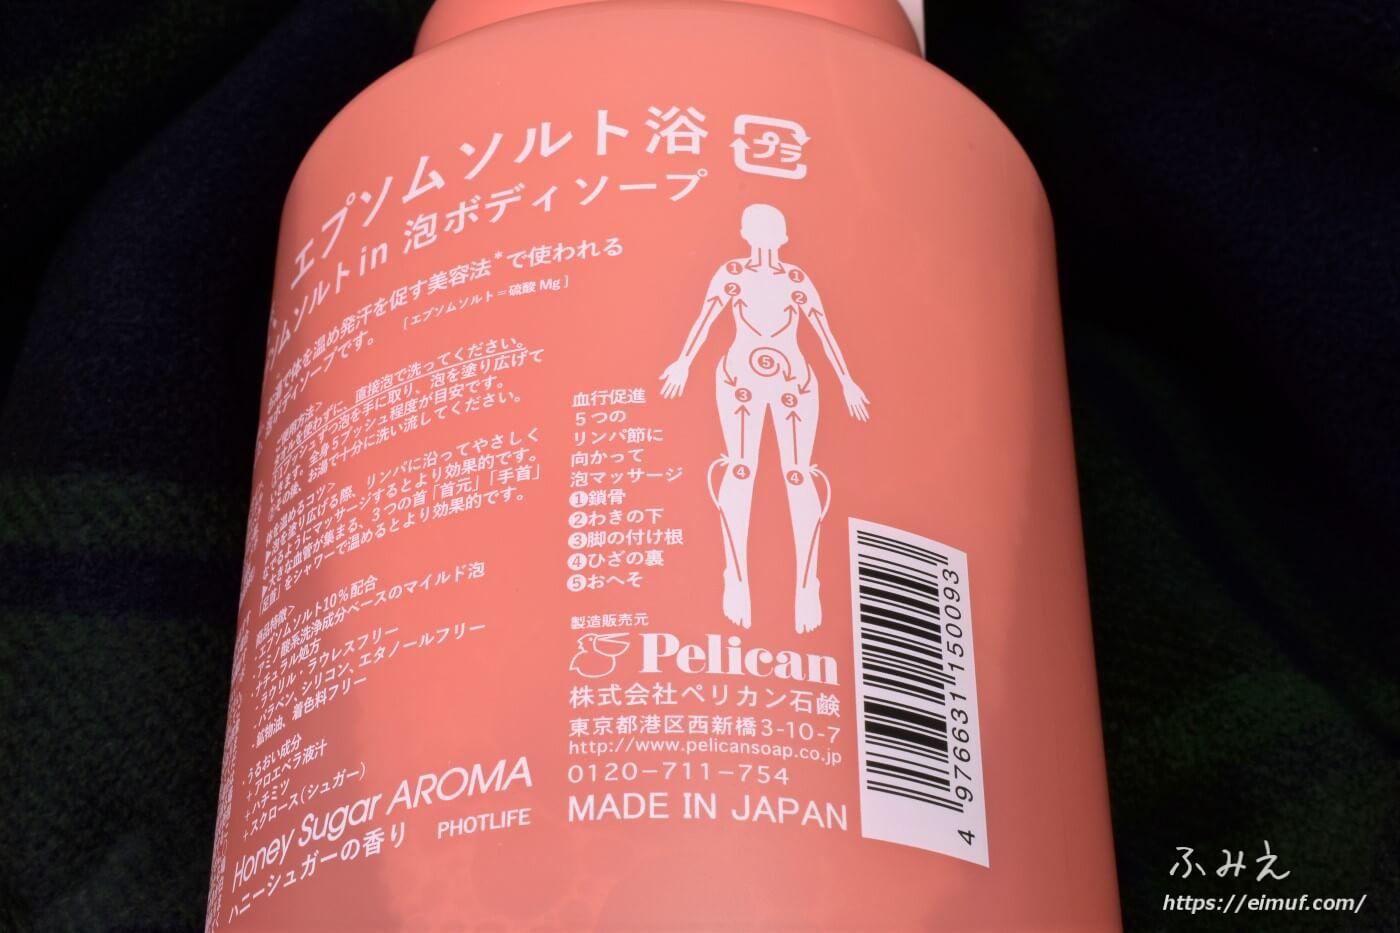 ペリカン石鹸のエプソムソルトin泡ボディソープ Hot Life本体ボトル側面